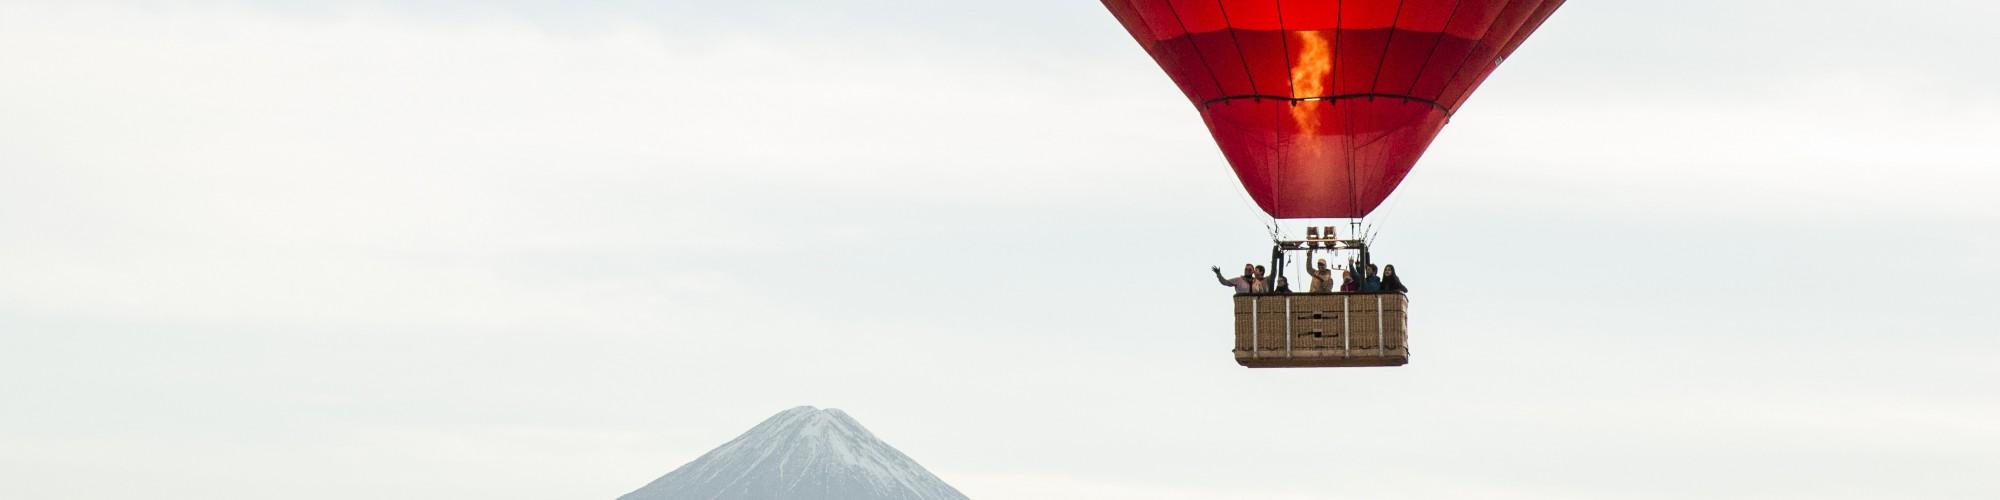 Atacama balloon